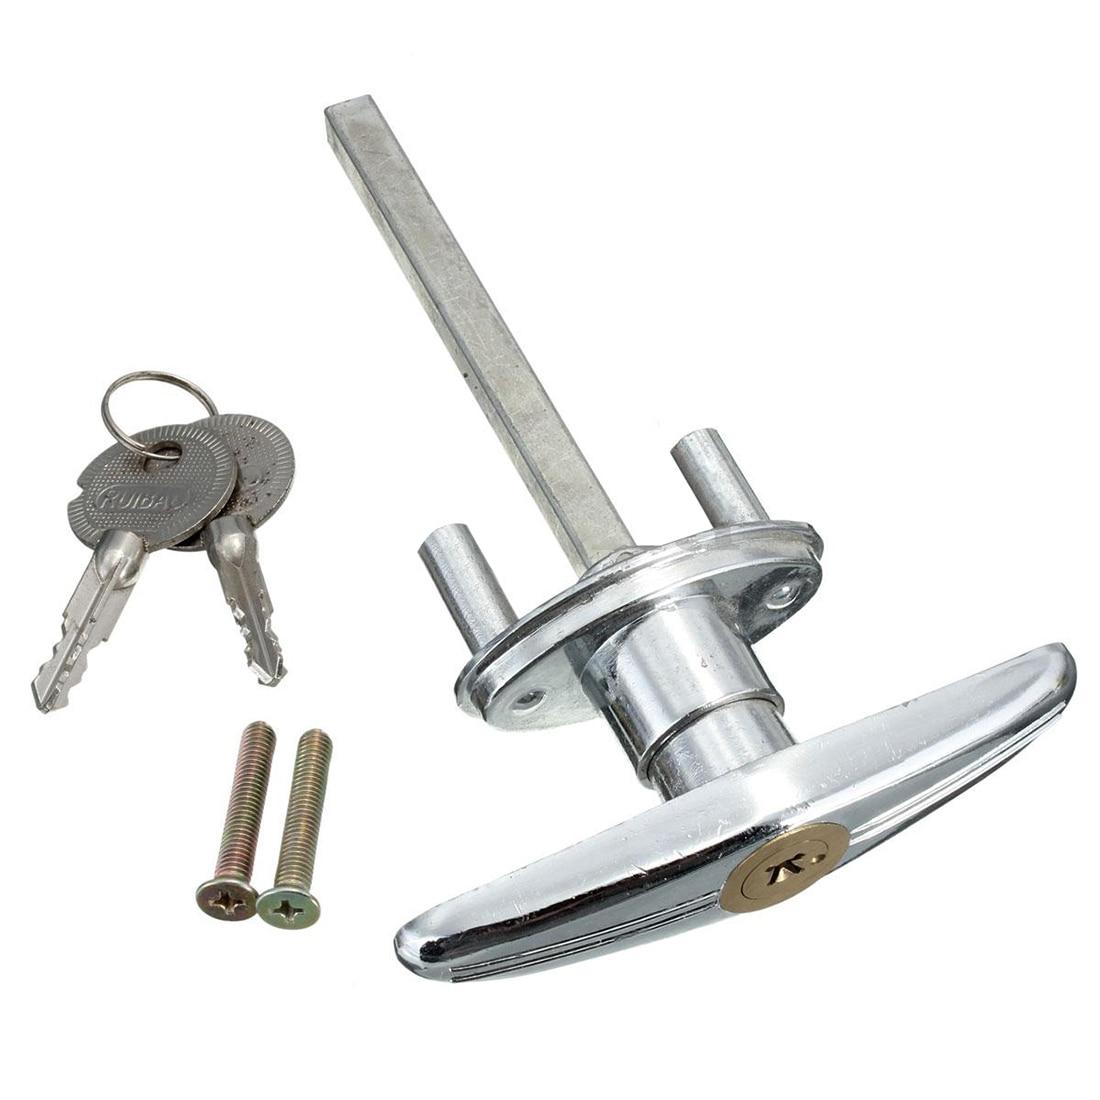 Hot Sale Garage Door Lock T Handle With Key Screw Metal Copper